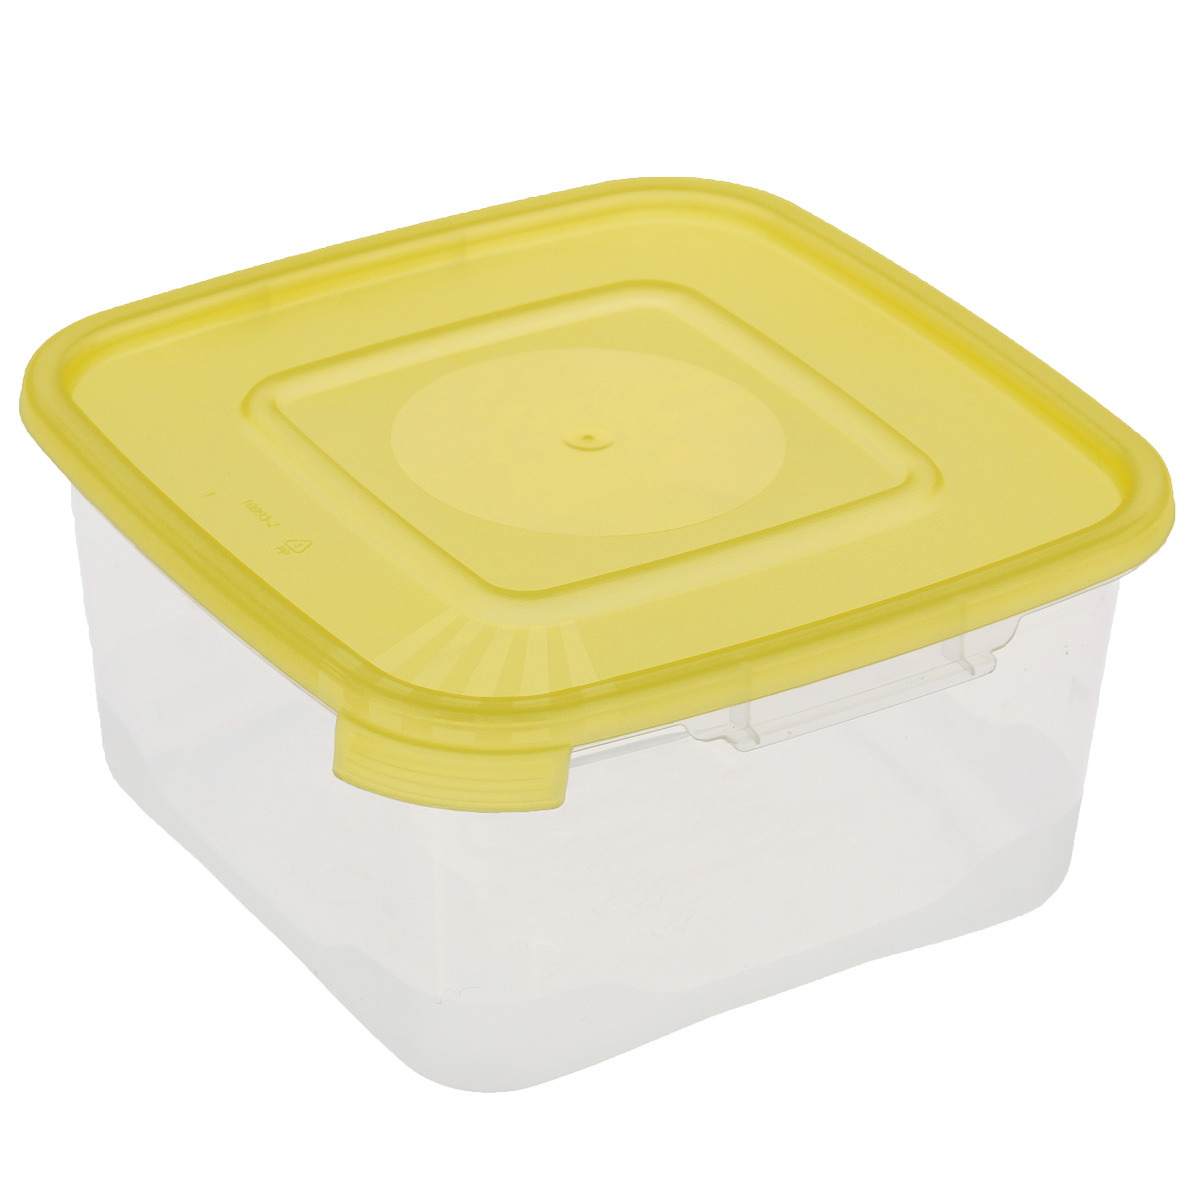 Контейнер Полимербыт Каскад, цвет: желтый, 460 млС610Контейнер Полимербыт Каскад квадратной формы, изготовленный из прочного пластика, предназначен специально для хранения пищевых продуктов. Крышка легко открывается и плотно закрывается.Прозрачные стенки позволяют видеть содержимое. Контейнер устойчив к воздействию масел и жиров, легко моется. Контейнер имеет возможность хранения продуктов глубокой заморозки, обладает высокой прочностью. Можно мыть в посудомоечной машине. Подходит для использования в микроволновых печах.